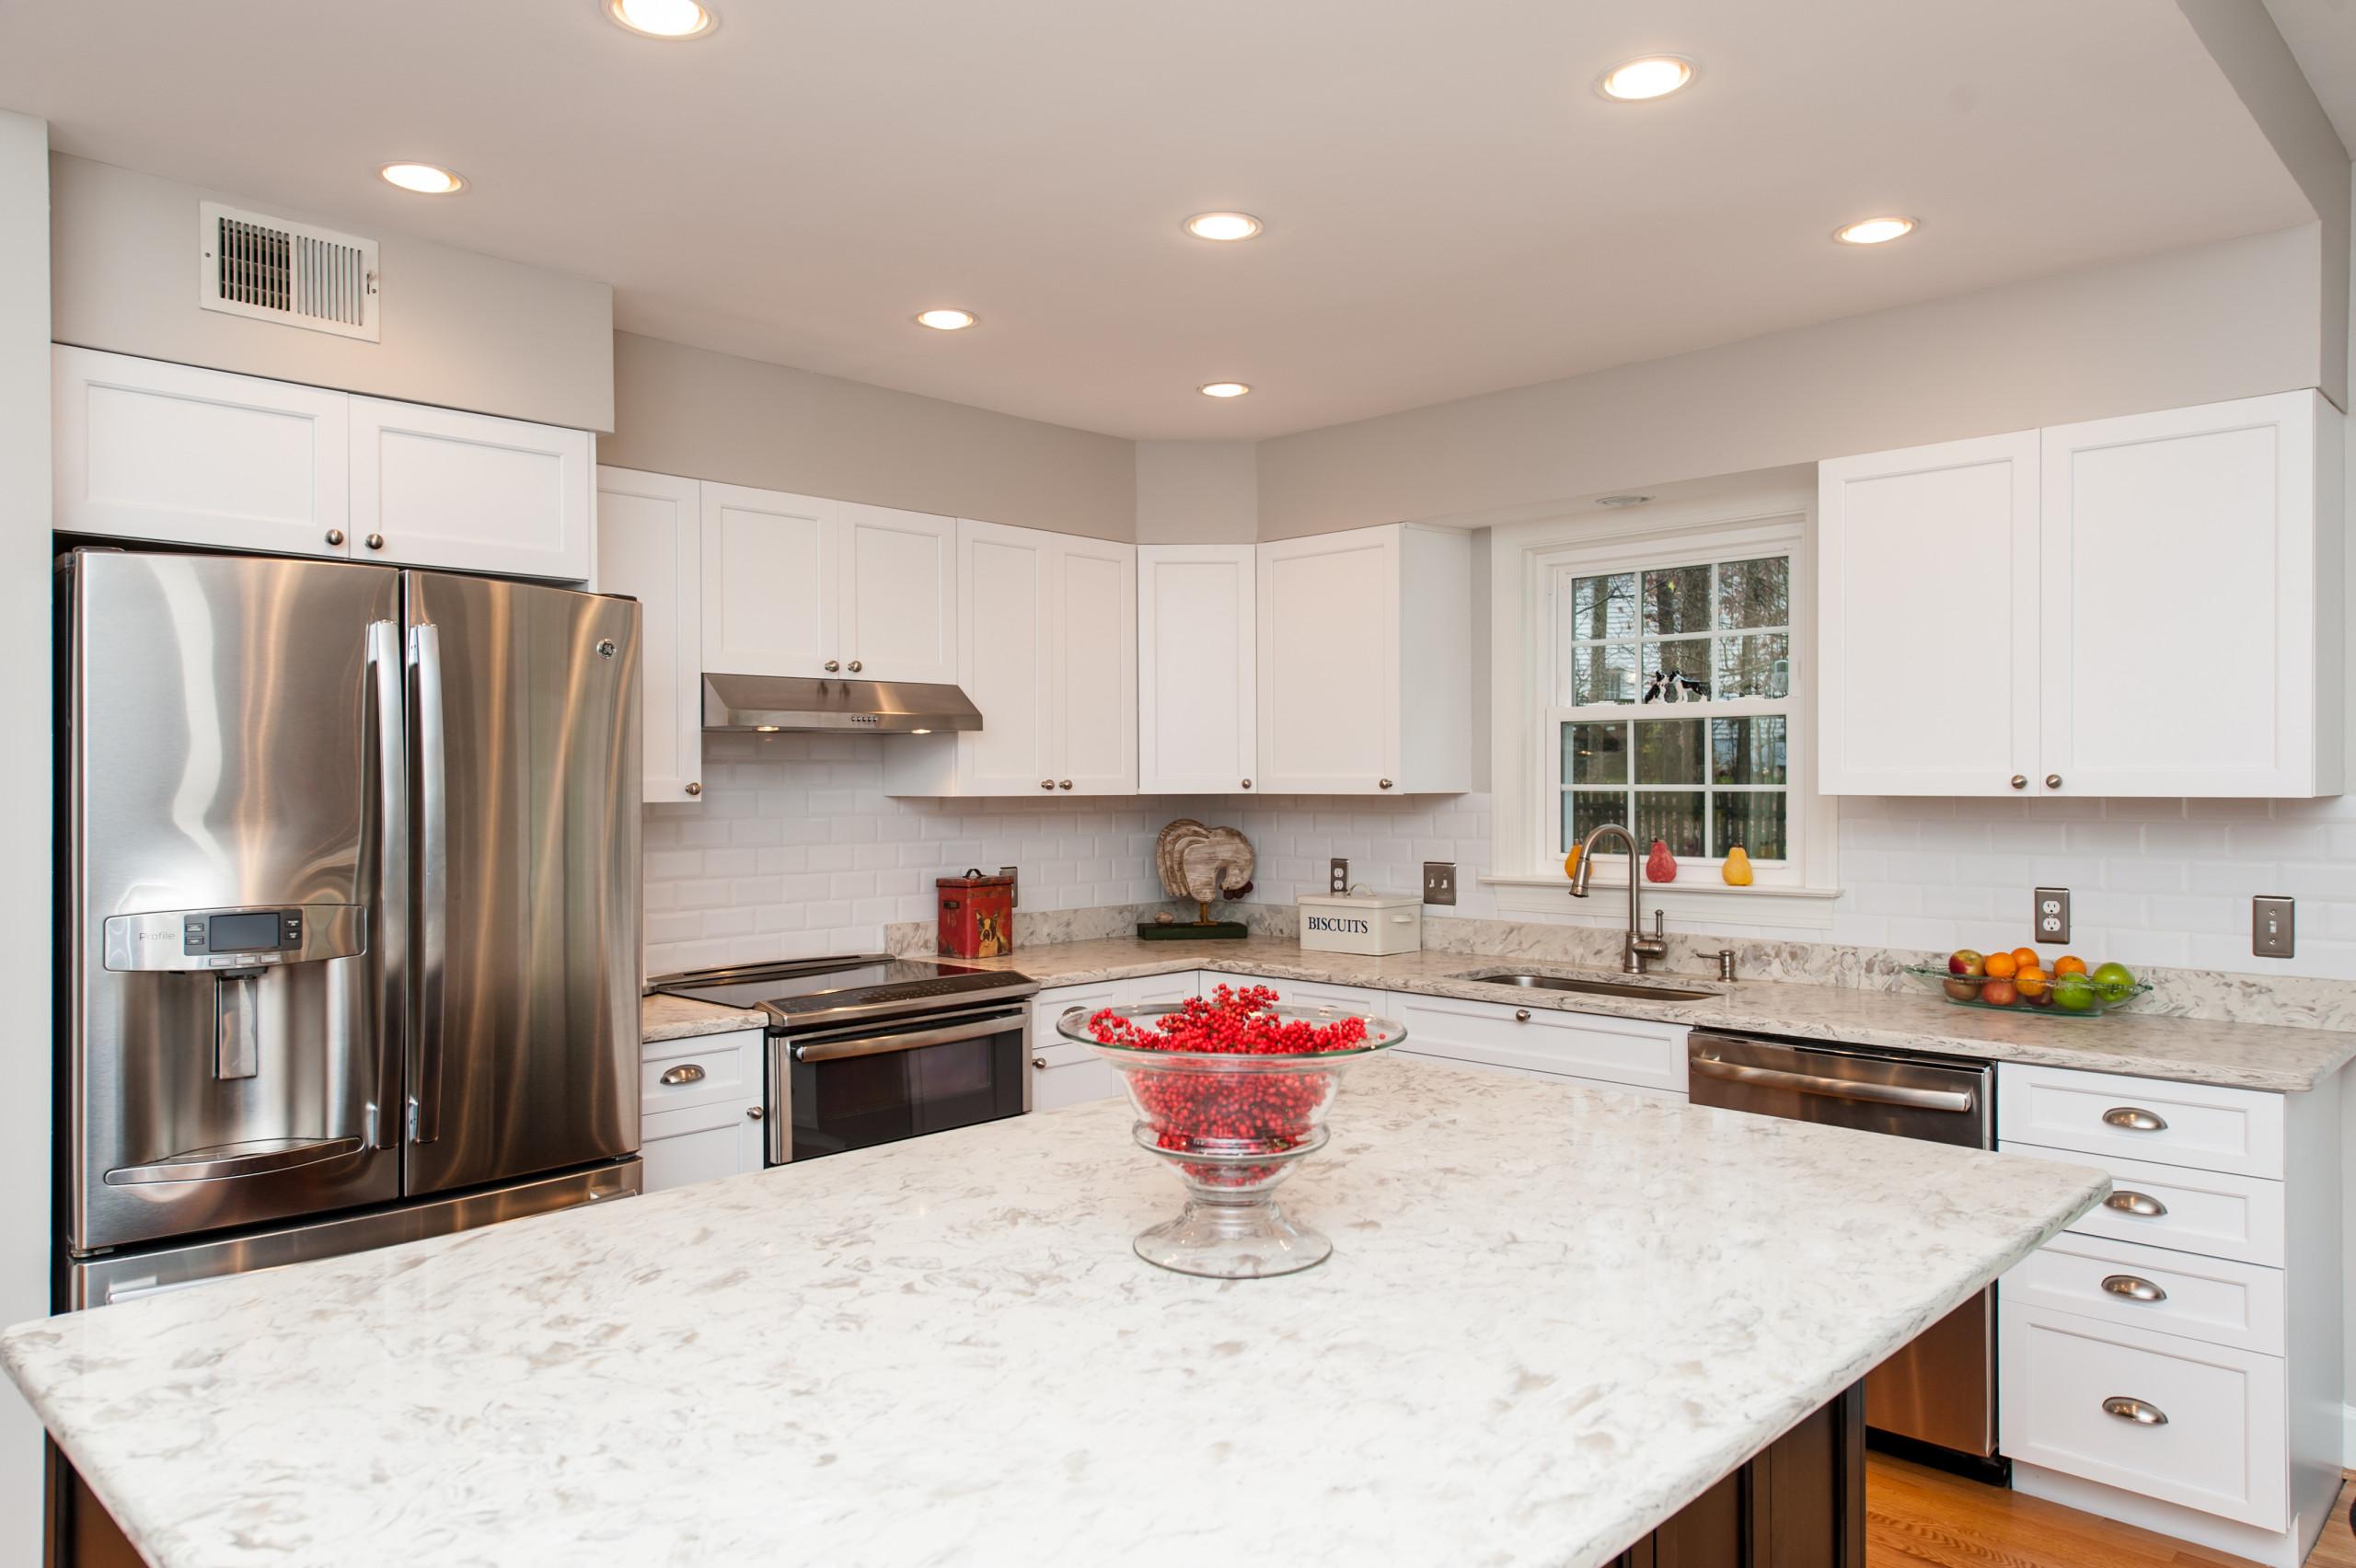 Clifton, VA White Perimeter Kitchen Cabinets